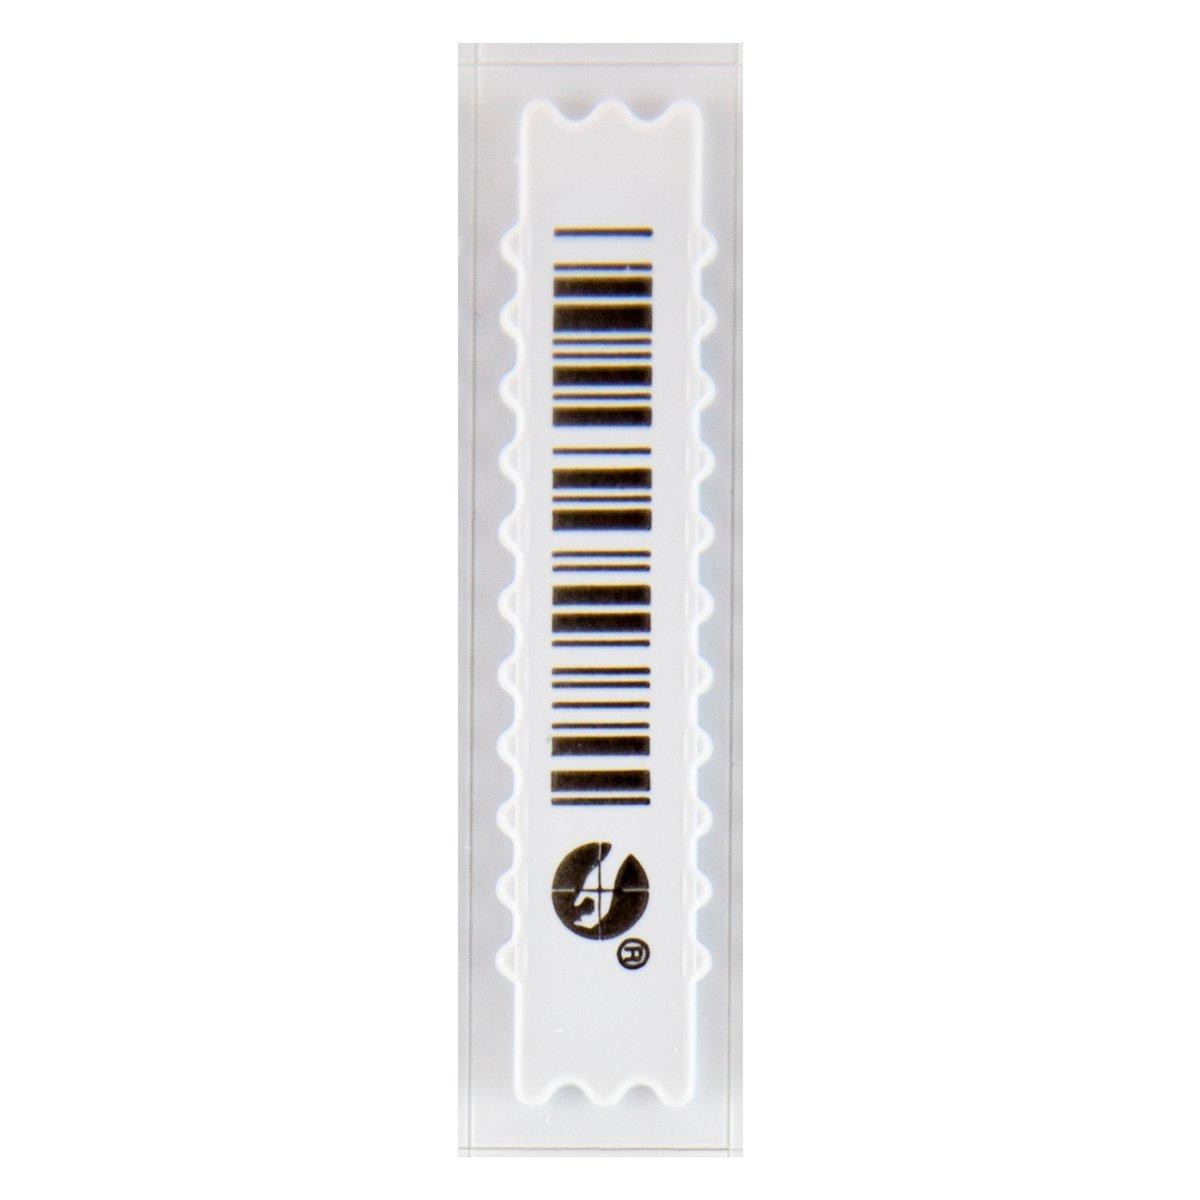 Sensormatic APX Mock barras hoja etiqueta pack de 5000 ...